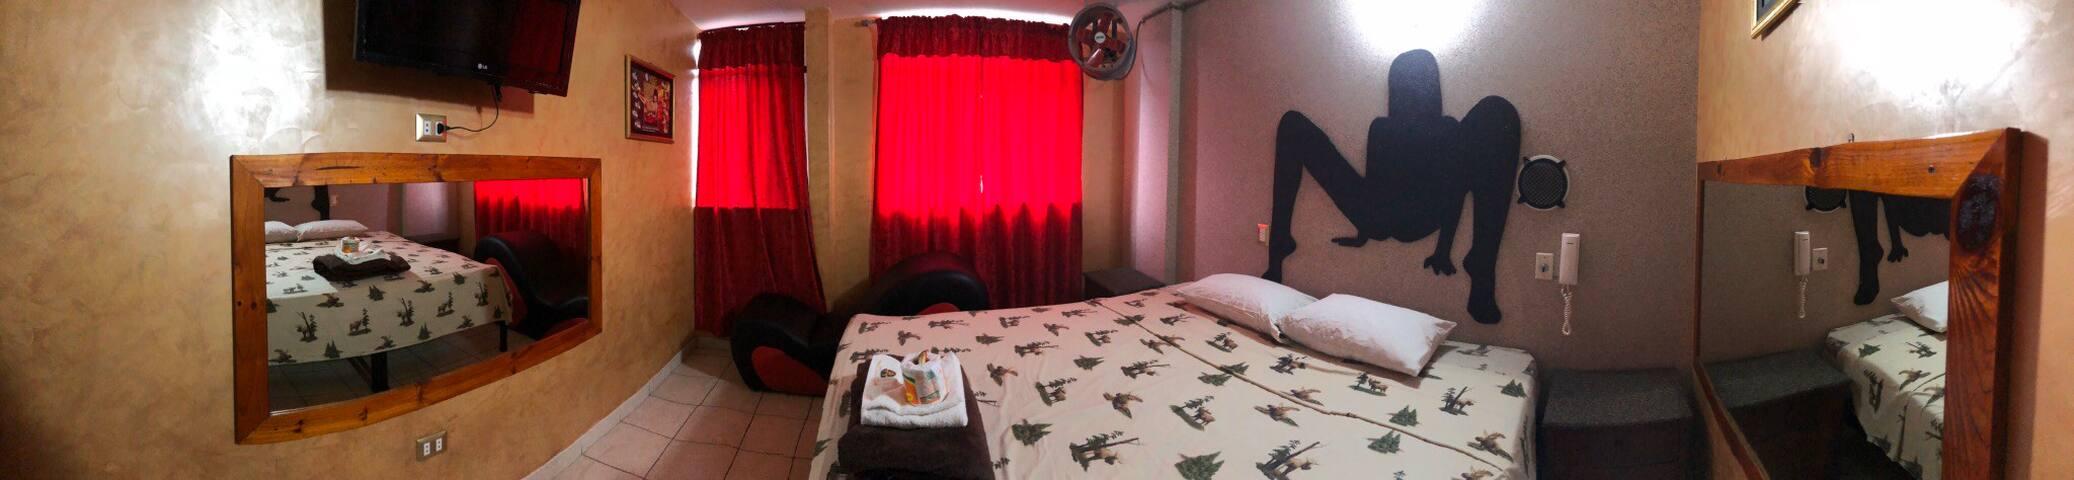 Hotel El Faraón